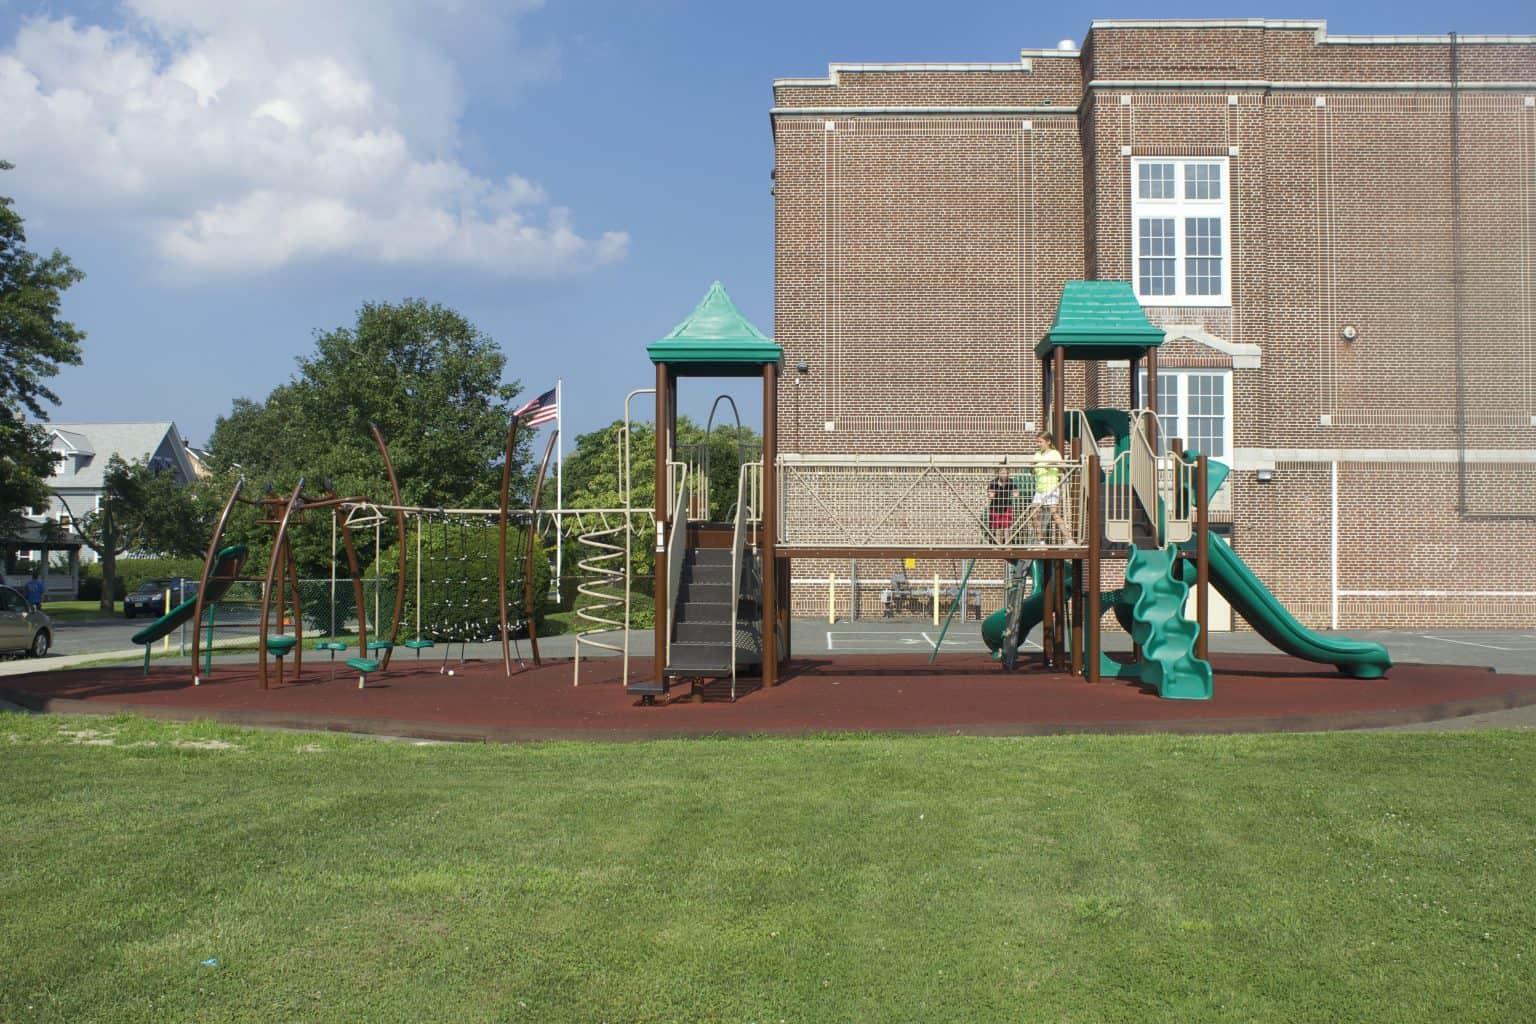 mountz-elementary-playground-spring-lake-nj_11653975423_o-1536x1024